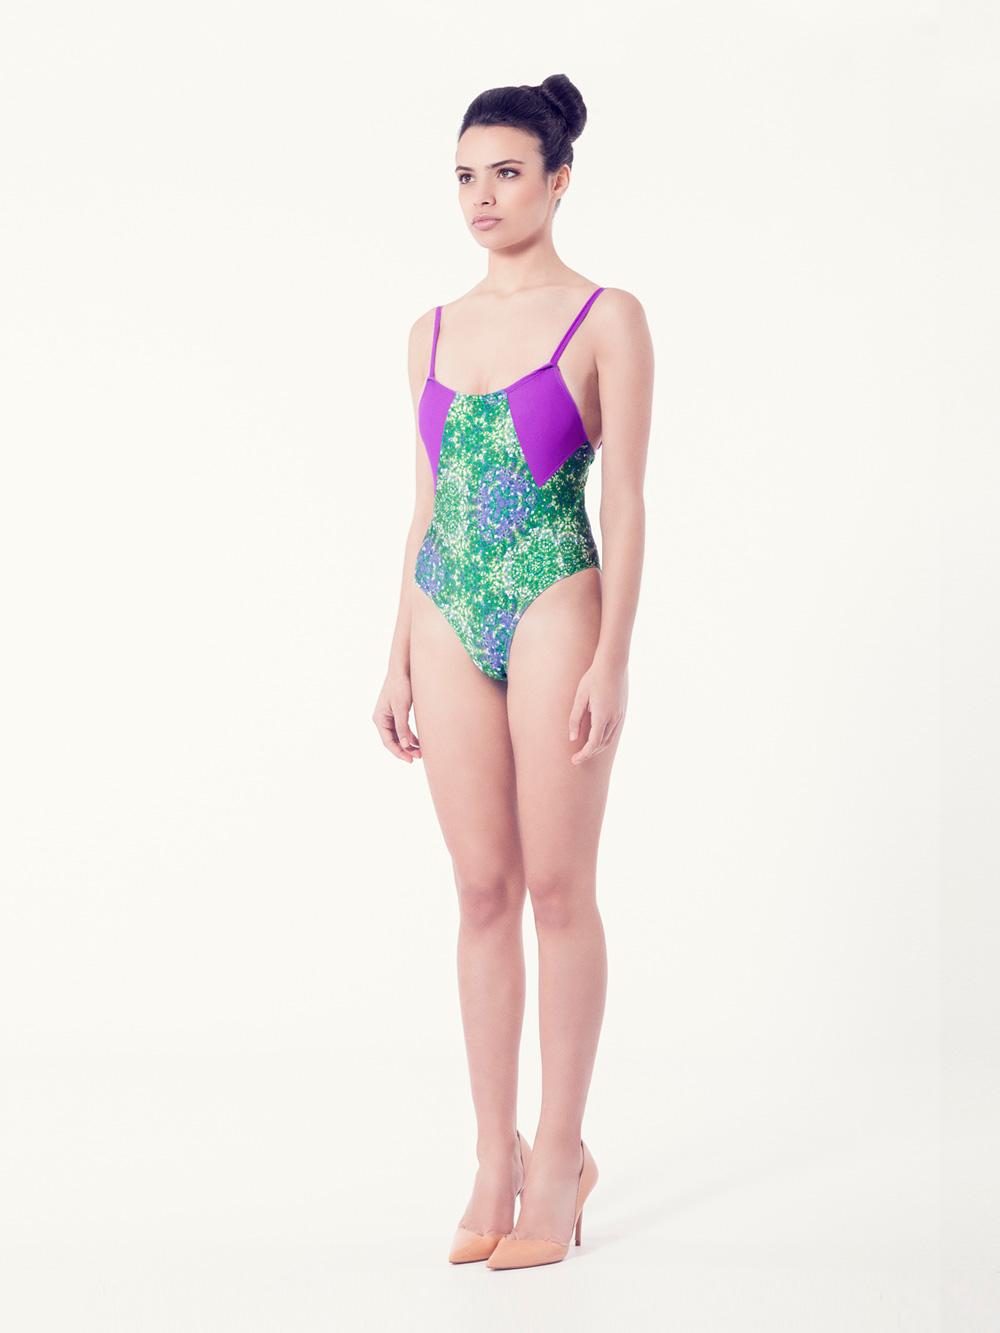 CLEMATIS Bañador tendencia – Vista normal– Estampado verde – nadadora.com.es – swimwear